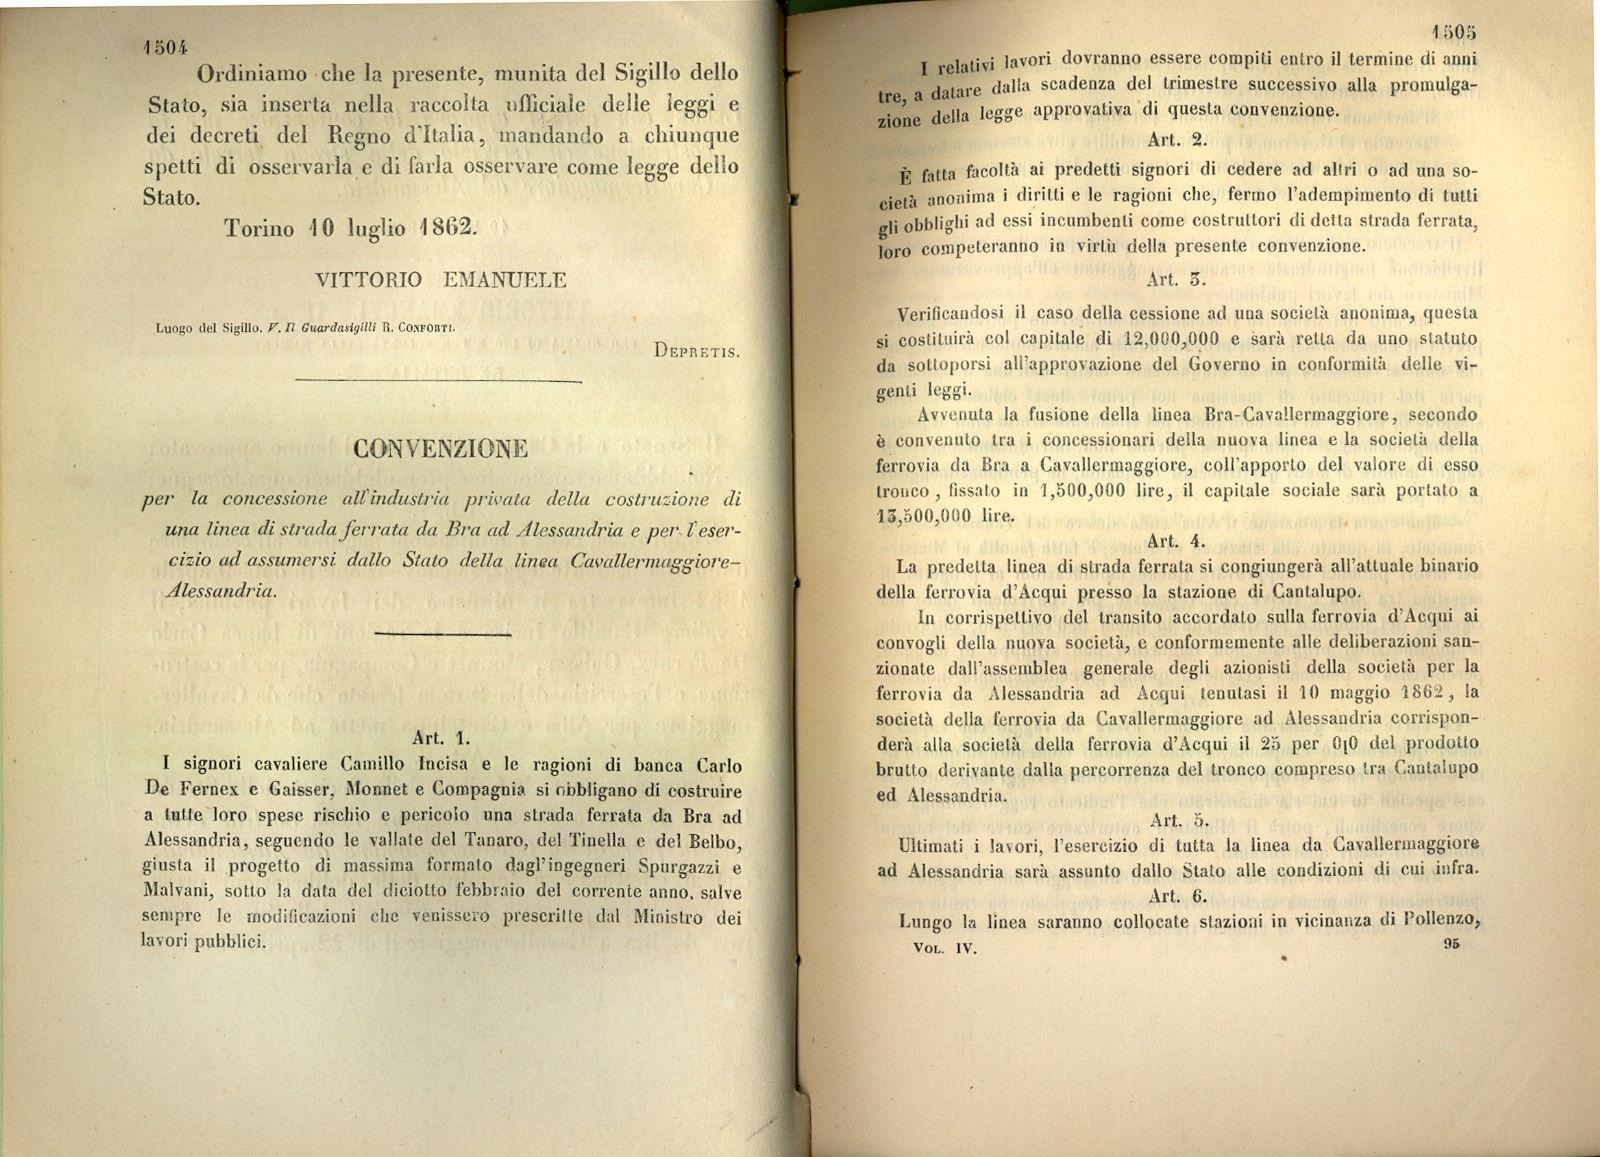 1862 LEGGE COSTRUZIONE STRADA FERRATA DA CAVALLERMAGGIORE A ALESSANDRIA 2